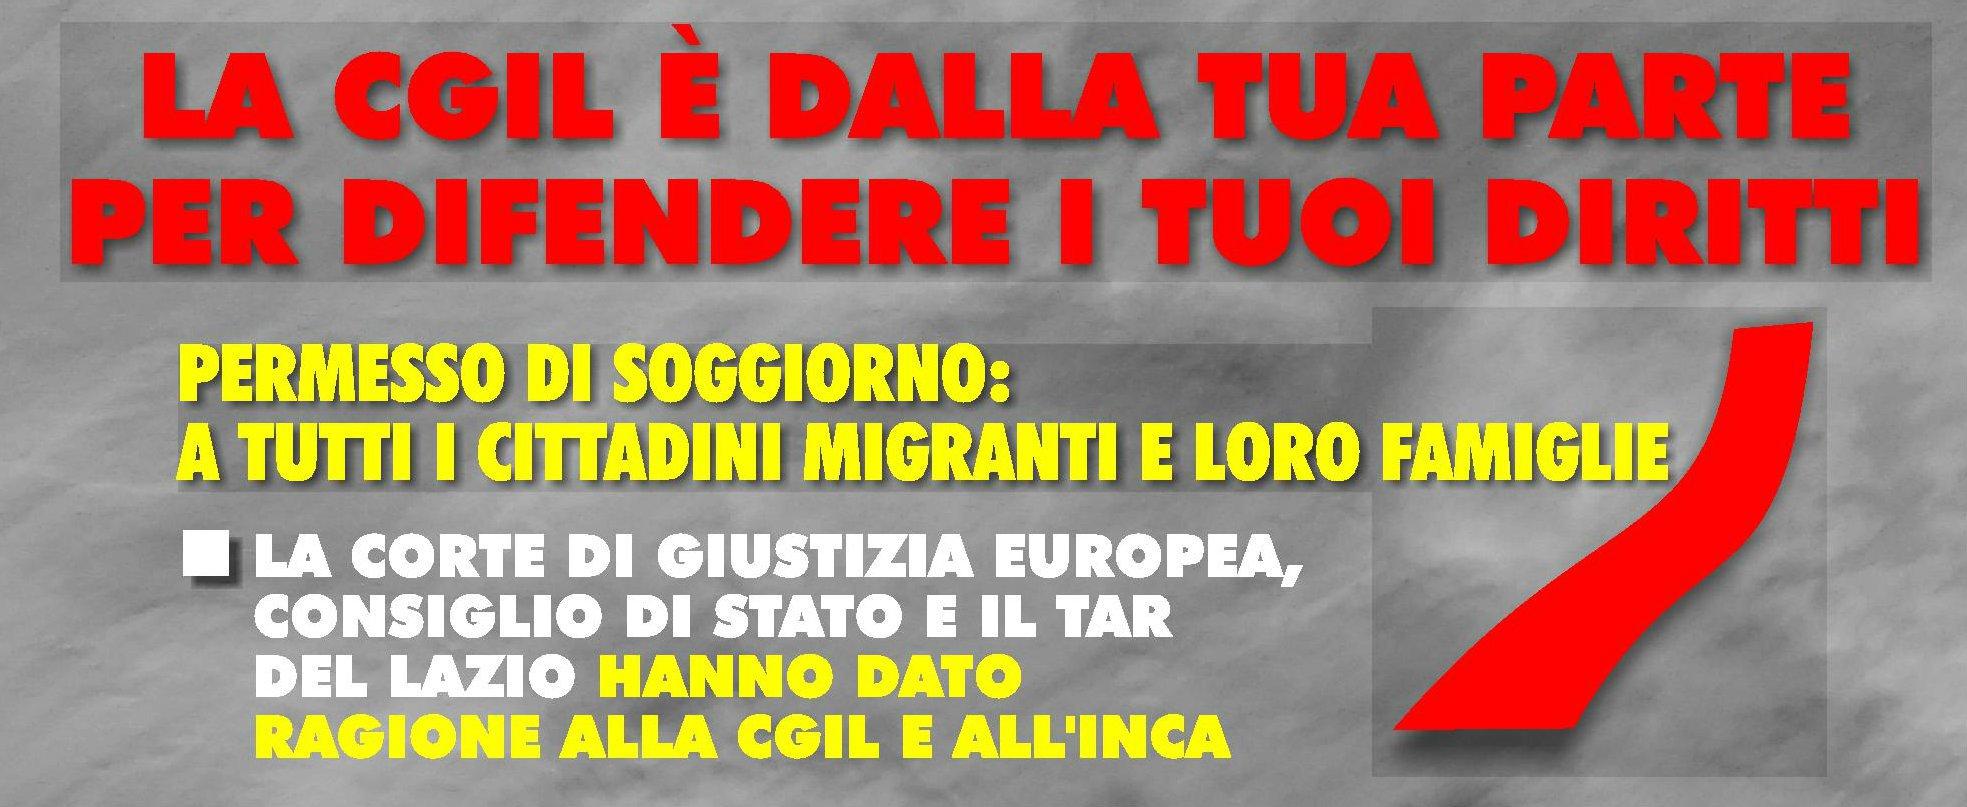 manifesto-italiano-inca-permessi-tagliato